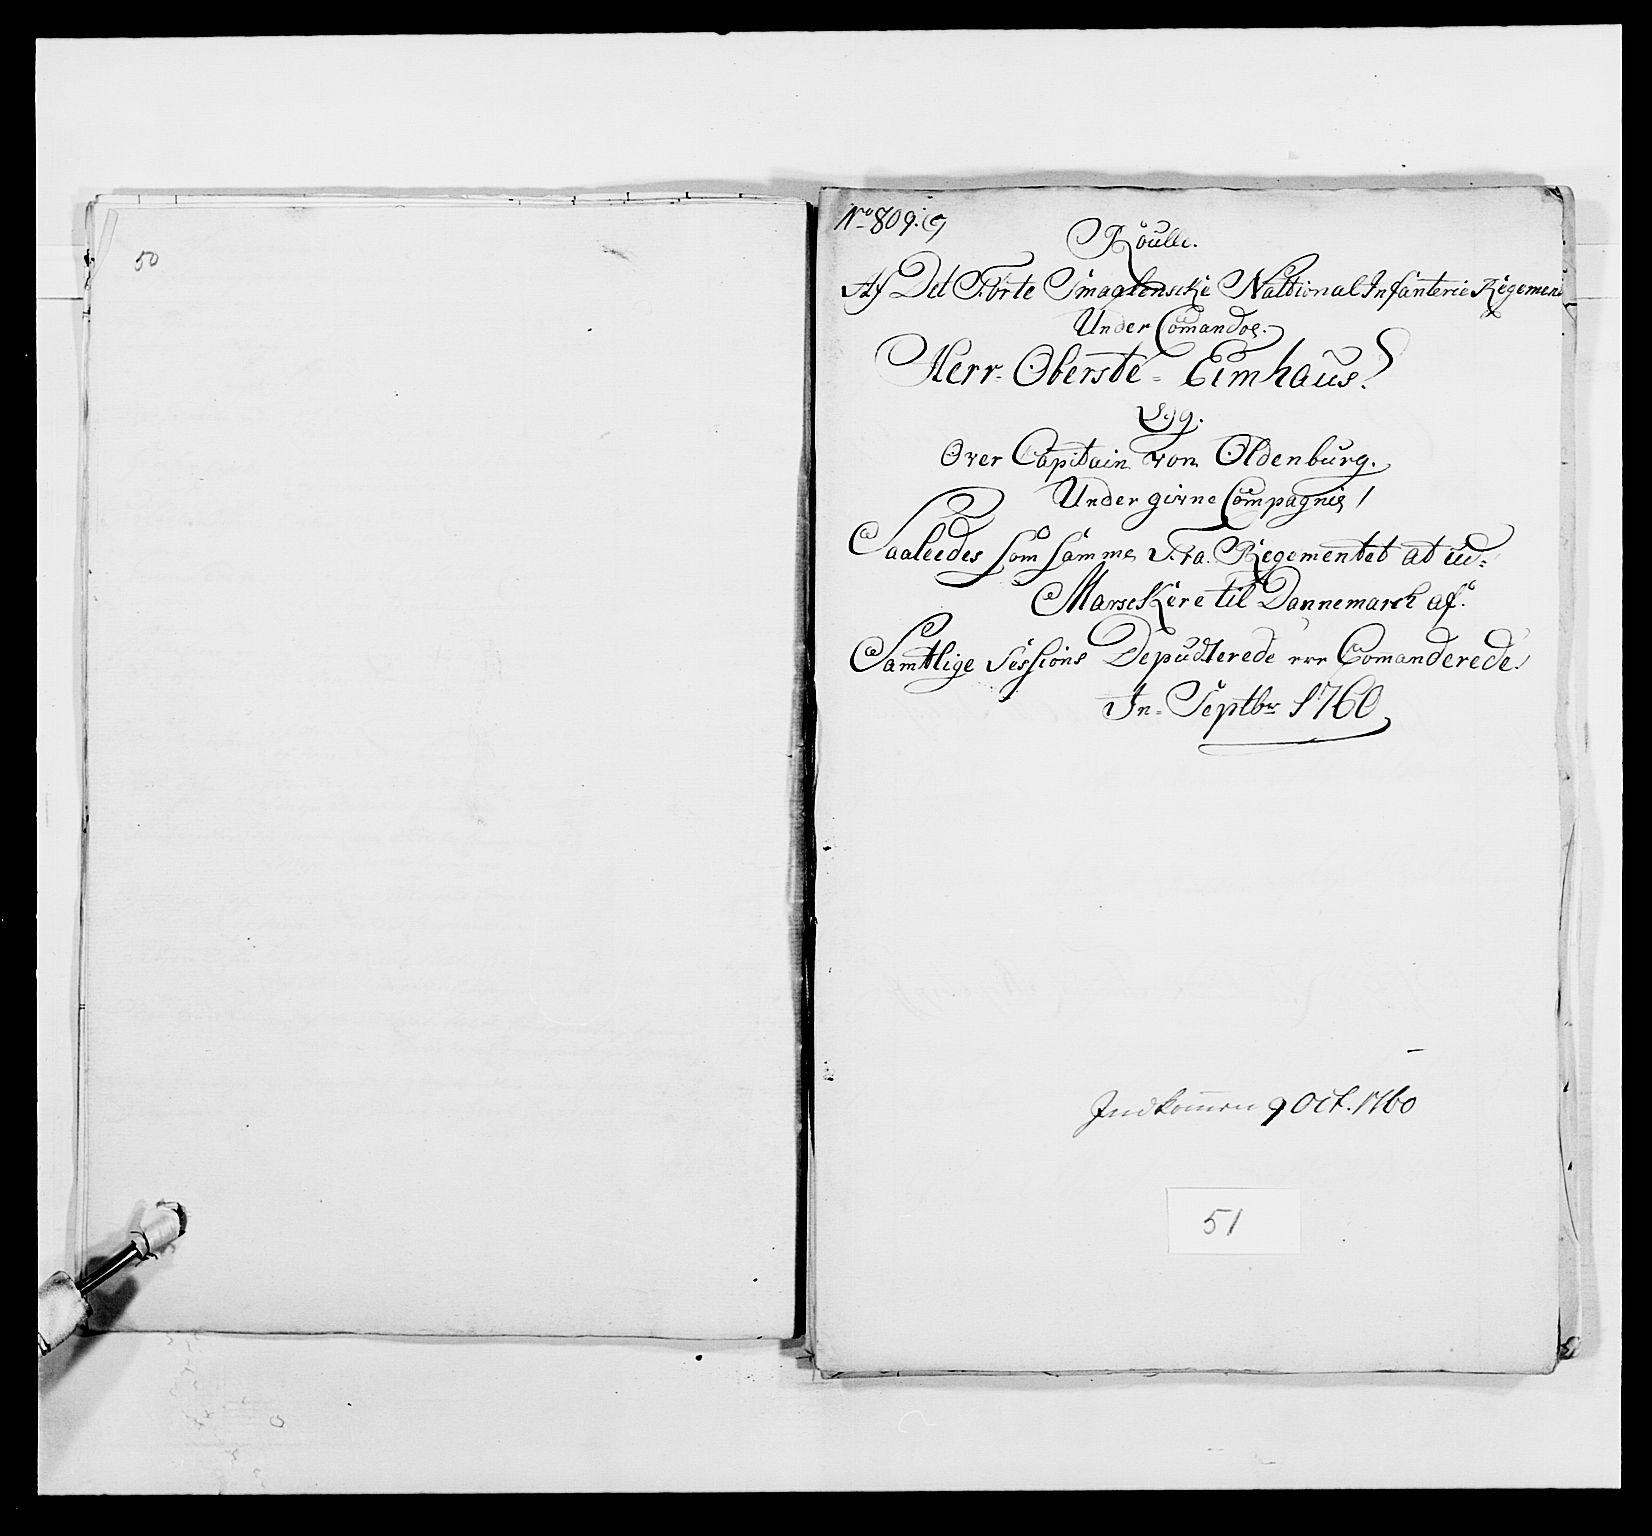 RA, Kommanderende general (KG I) med Det norske krigsdirektorium, E/Ea/L0495: 1. Smålenske regiment, 1732-1763, s. 673